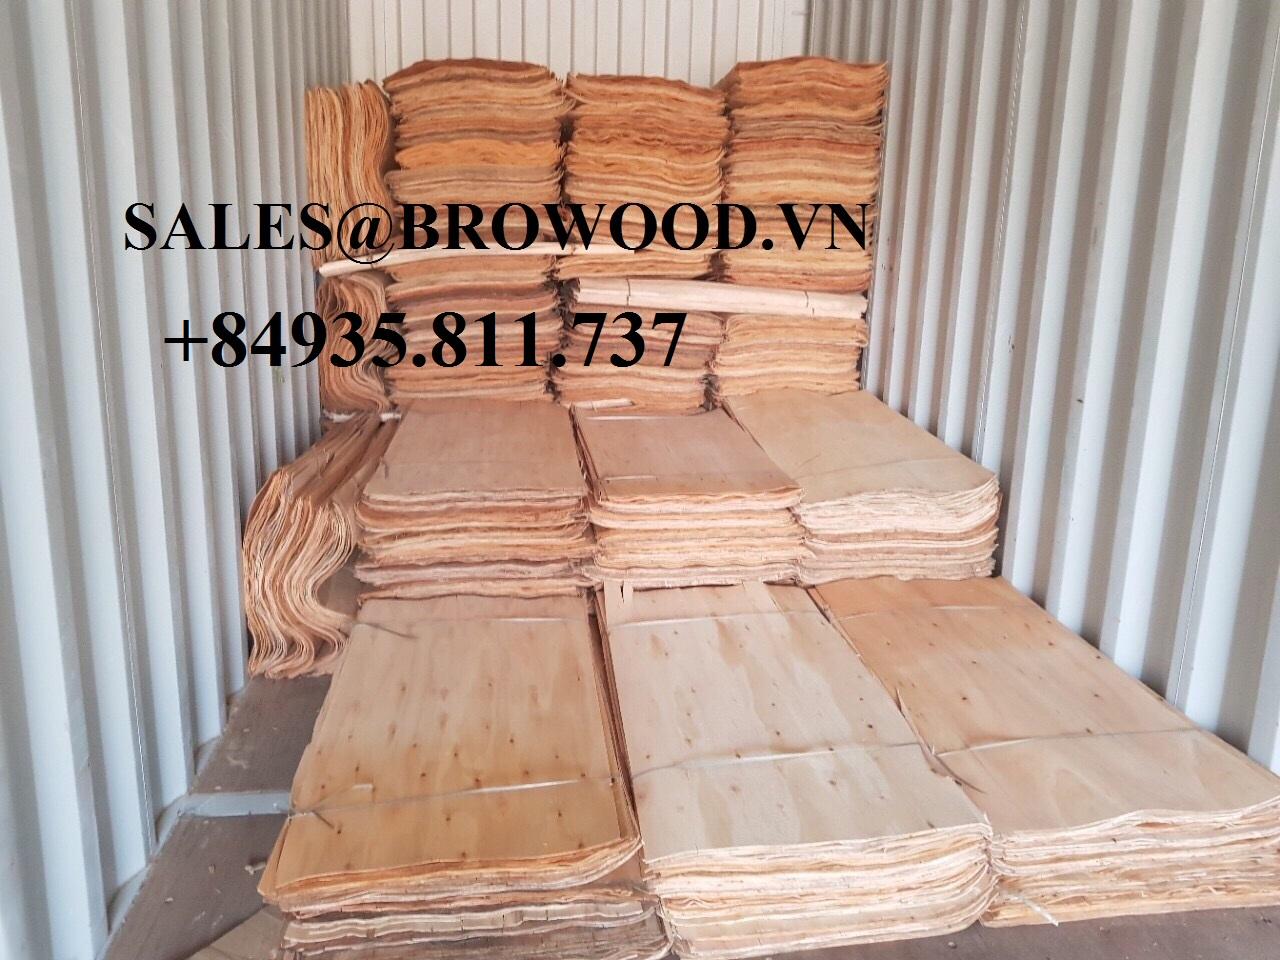 Viet Nam acacia core veneer browood